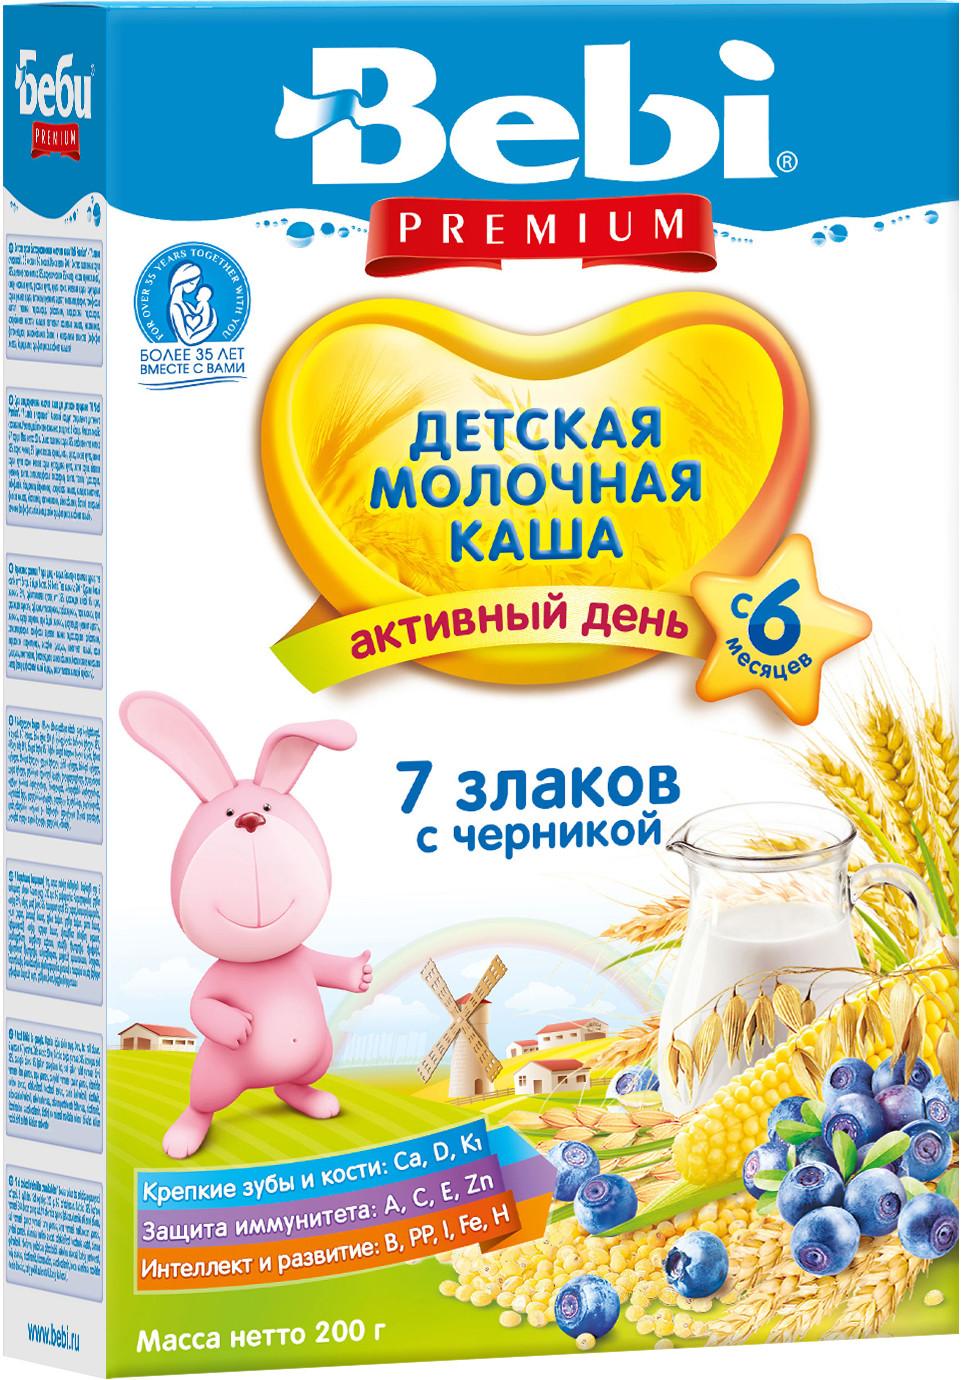 Каши Bebi Каша молочная Bebi Premium 7 злаков с черникой 6 мес. 200 г каши bebi молочная каша premium 7 злаков с 6 мес 200 г